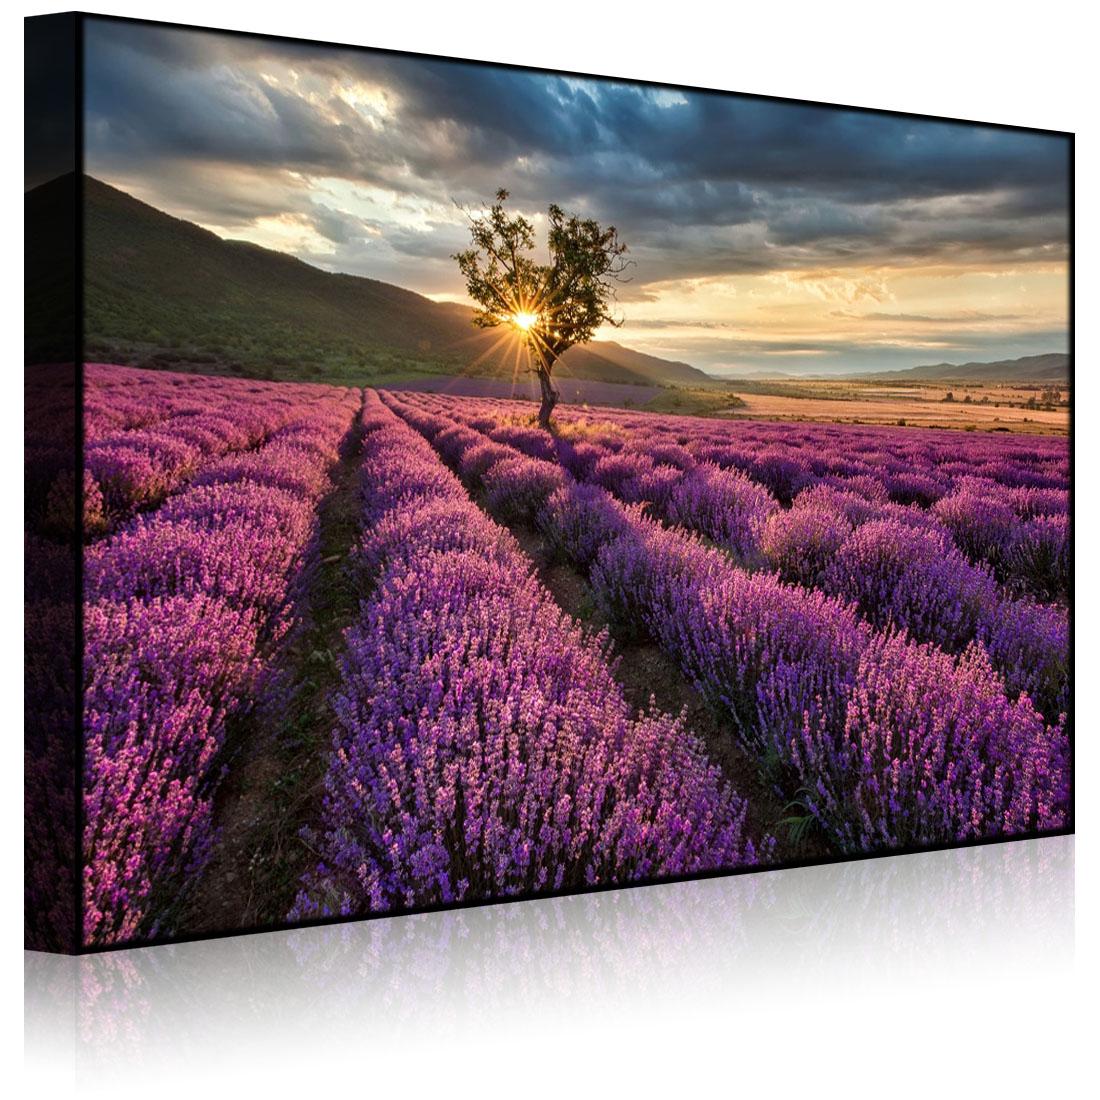 leuchtbild led bild traumhafte lavendel provence mi front lighted ebay. Black Bedroom Furniture Sets. Home Design Ideas